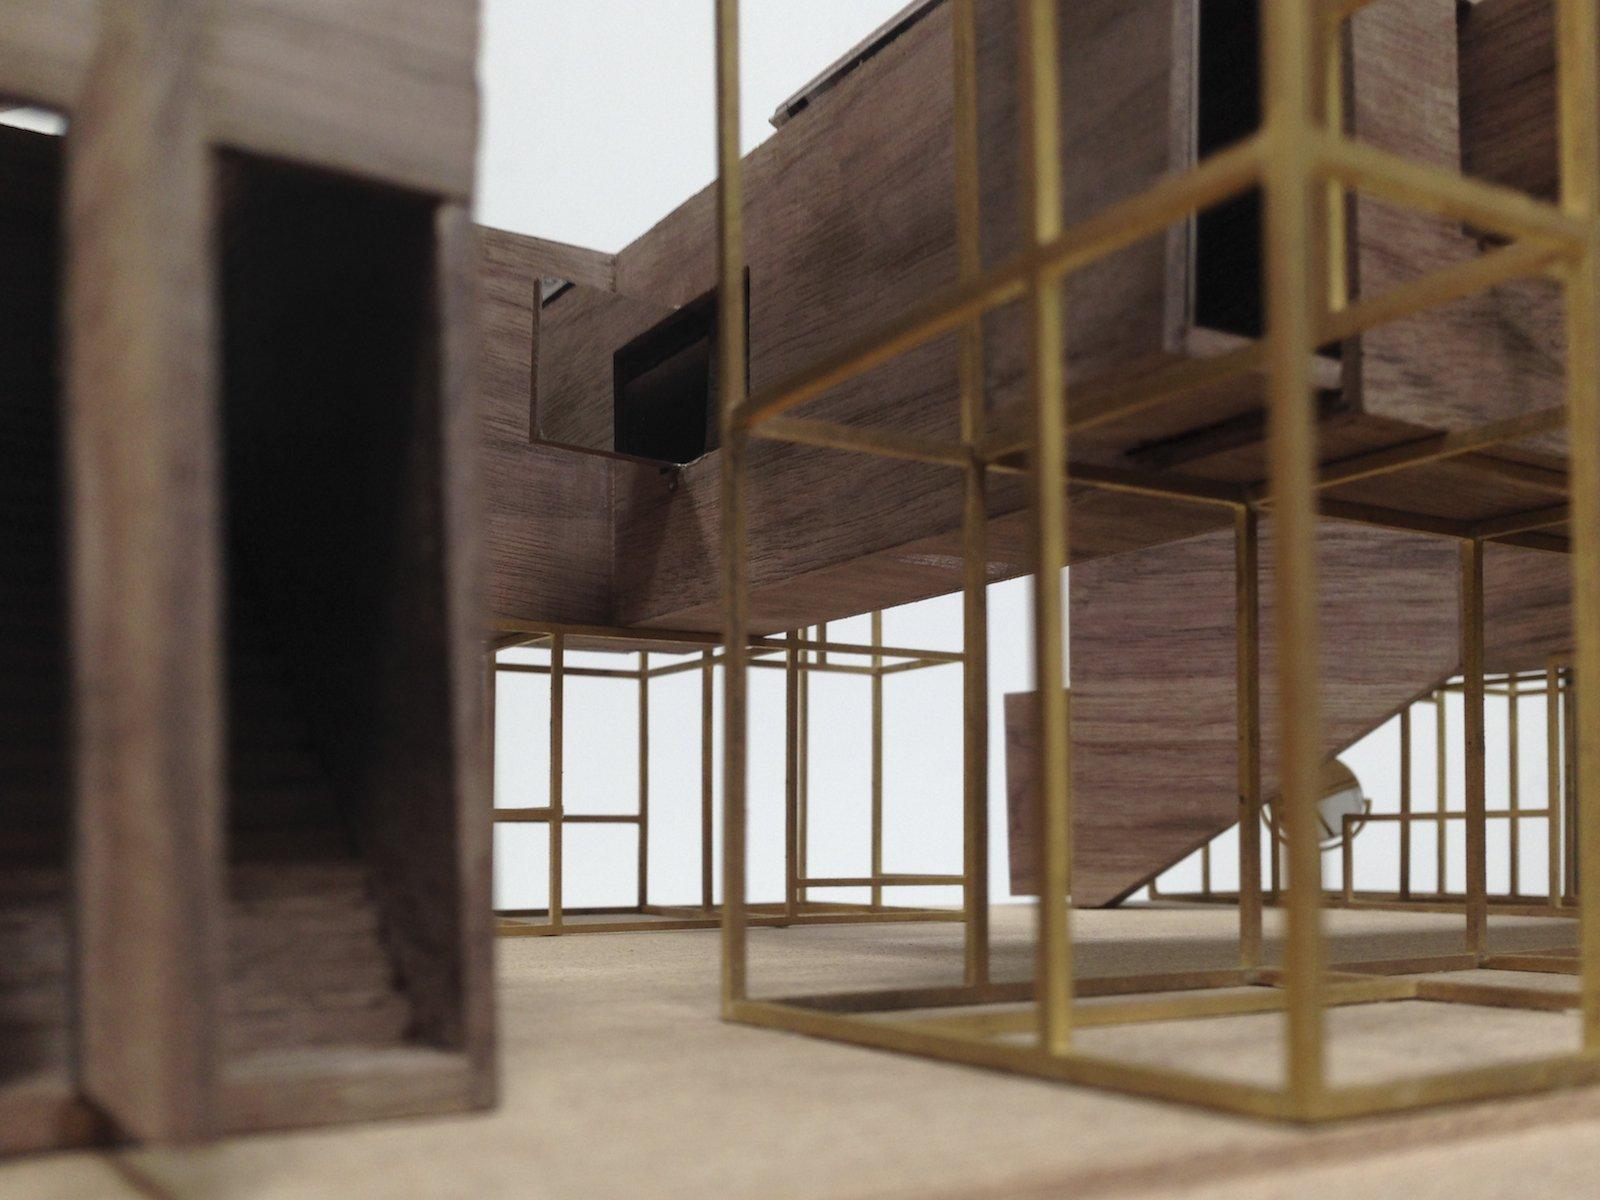 """Entwurf zum Thema """"das Haus"""" von Neri & Hu."""